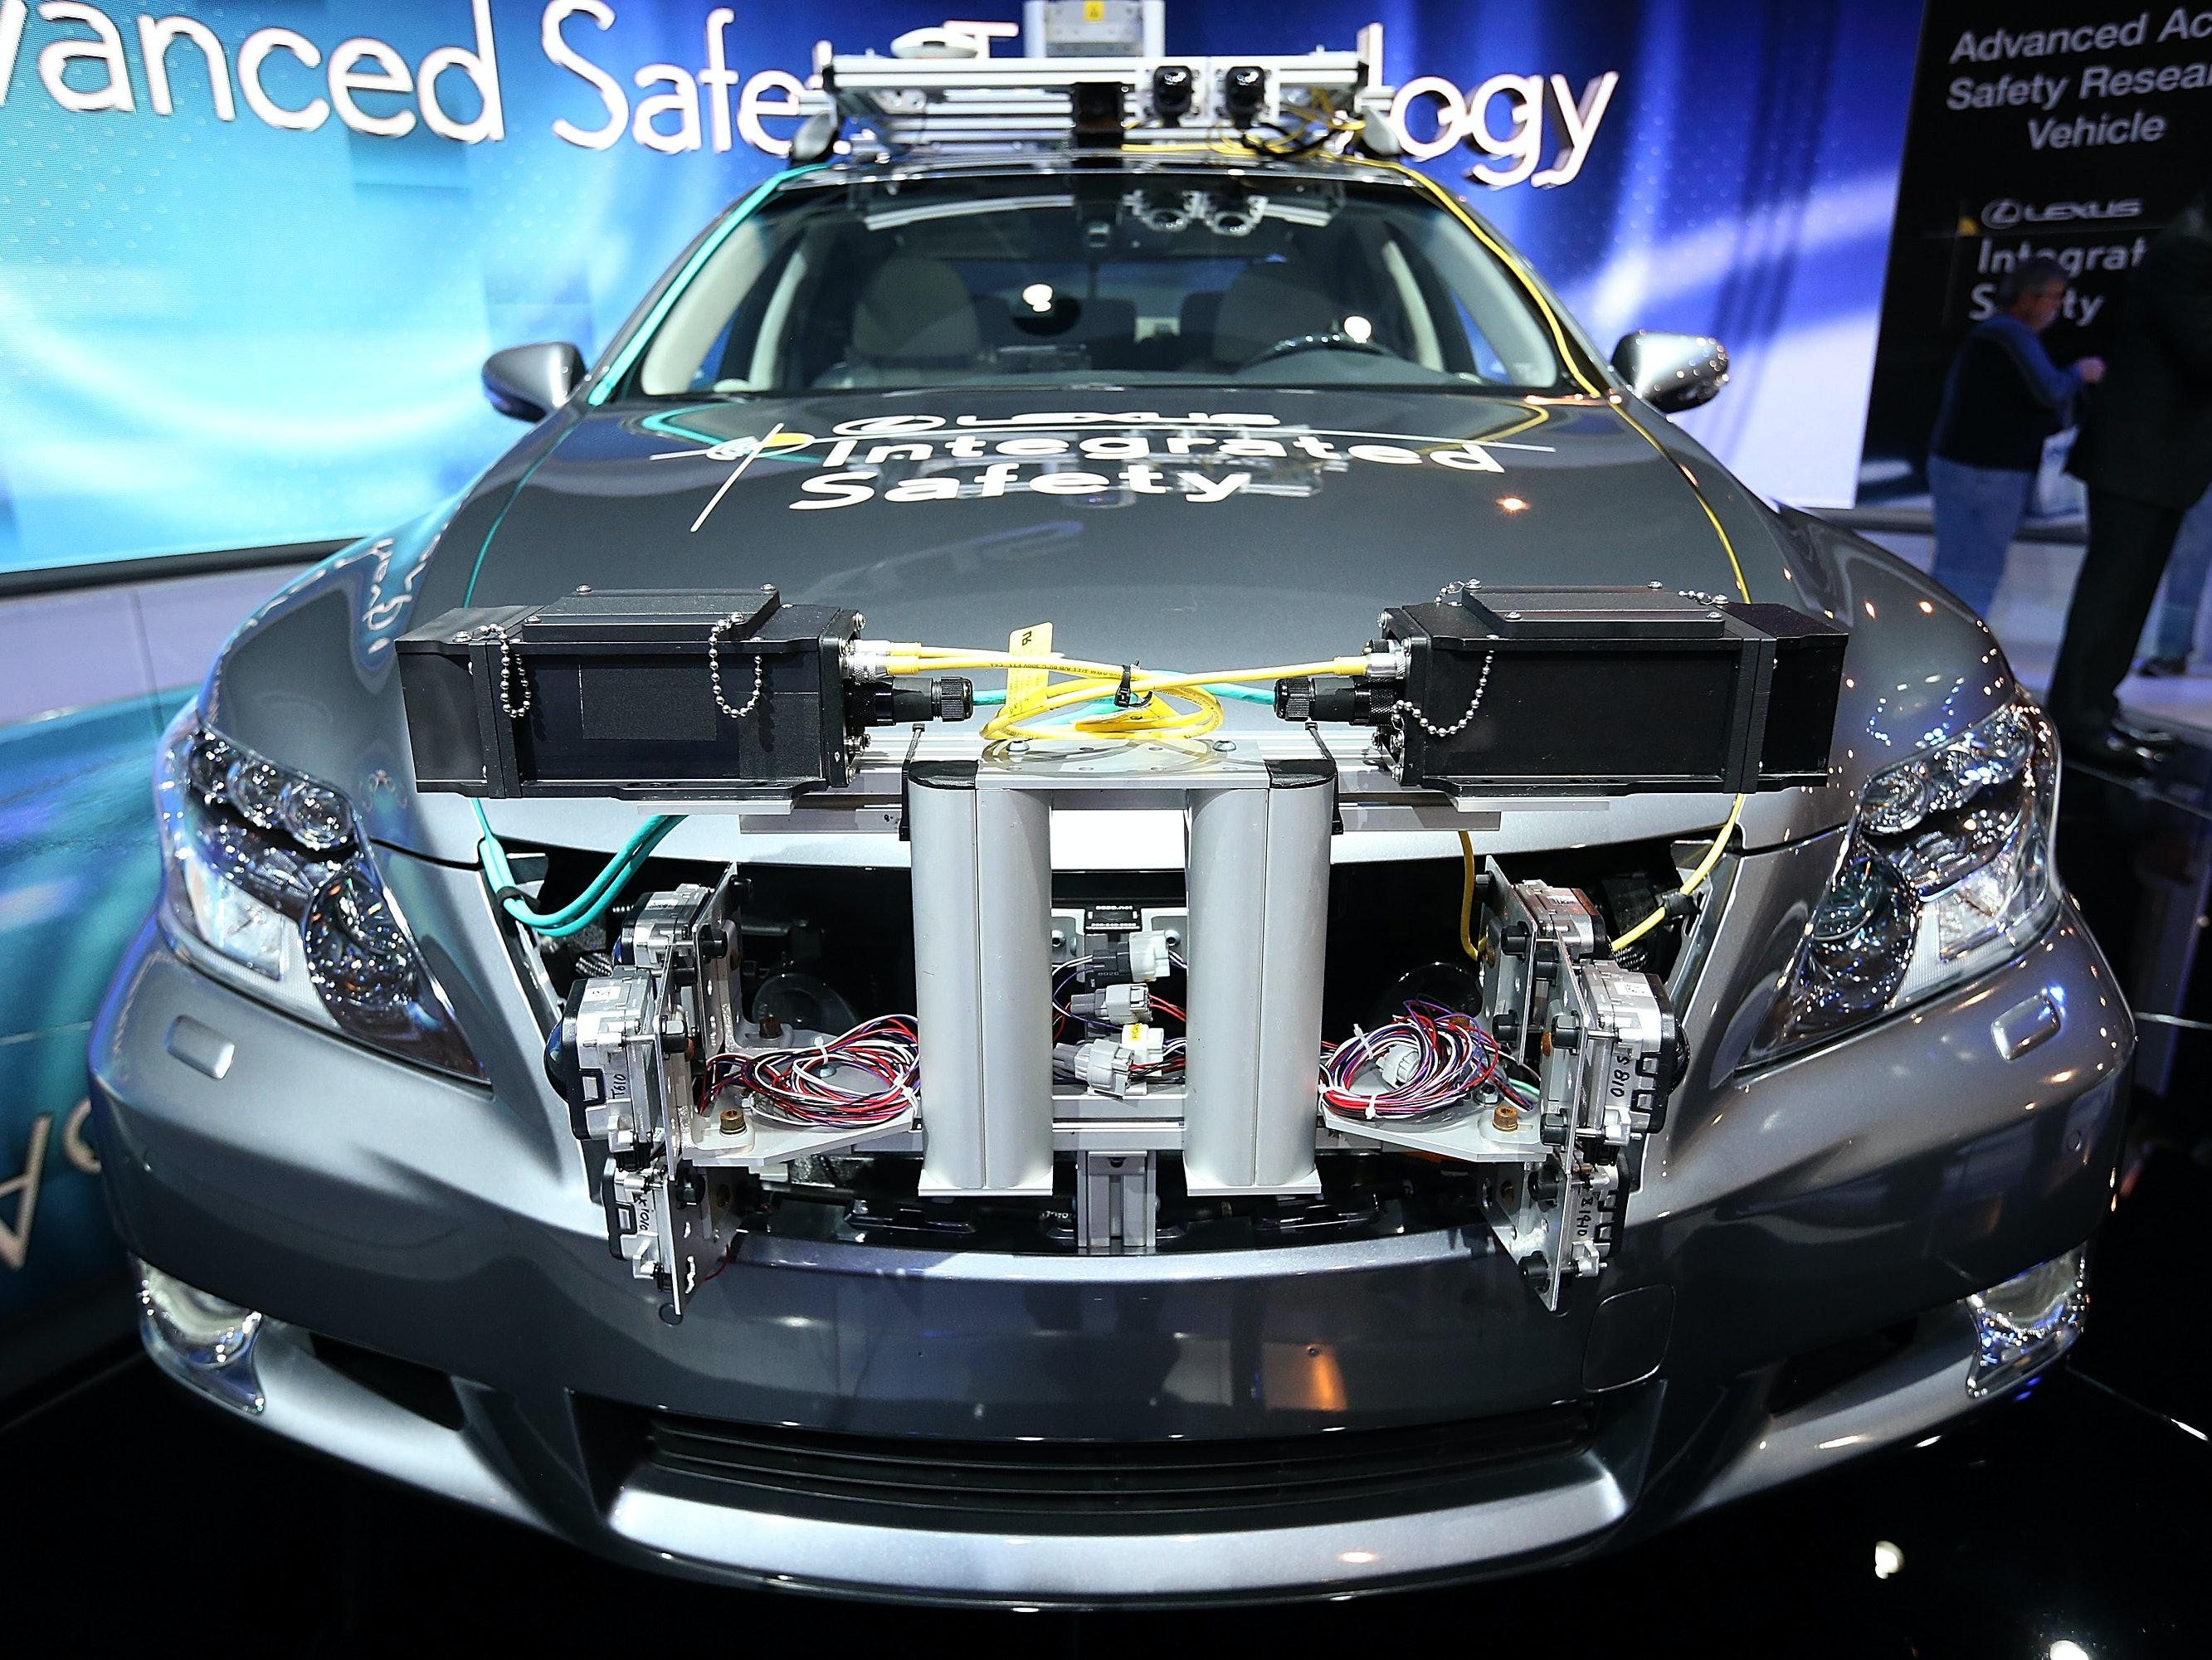 Autonomous Car Levels, with Explanations